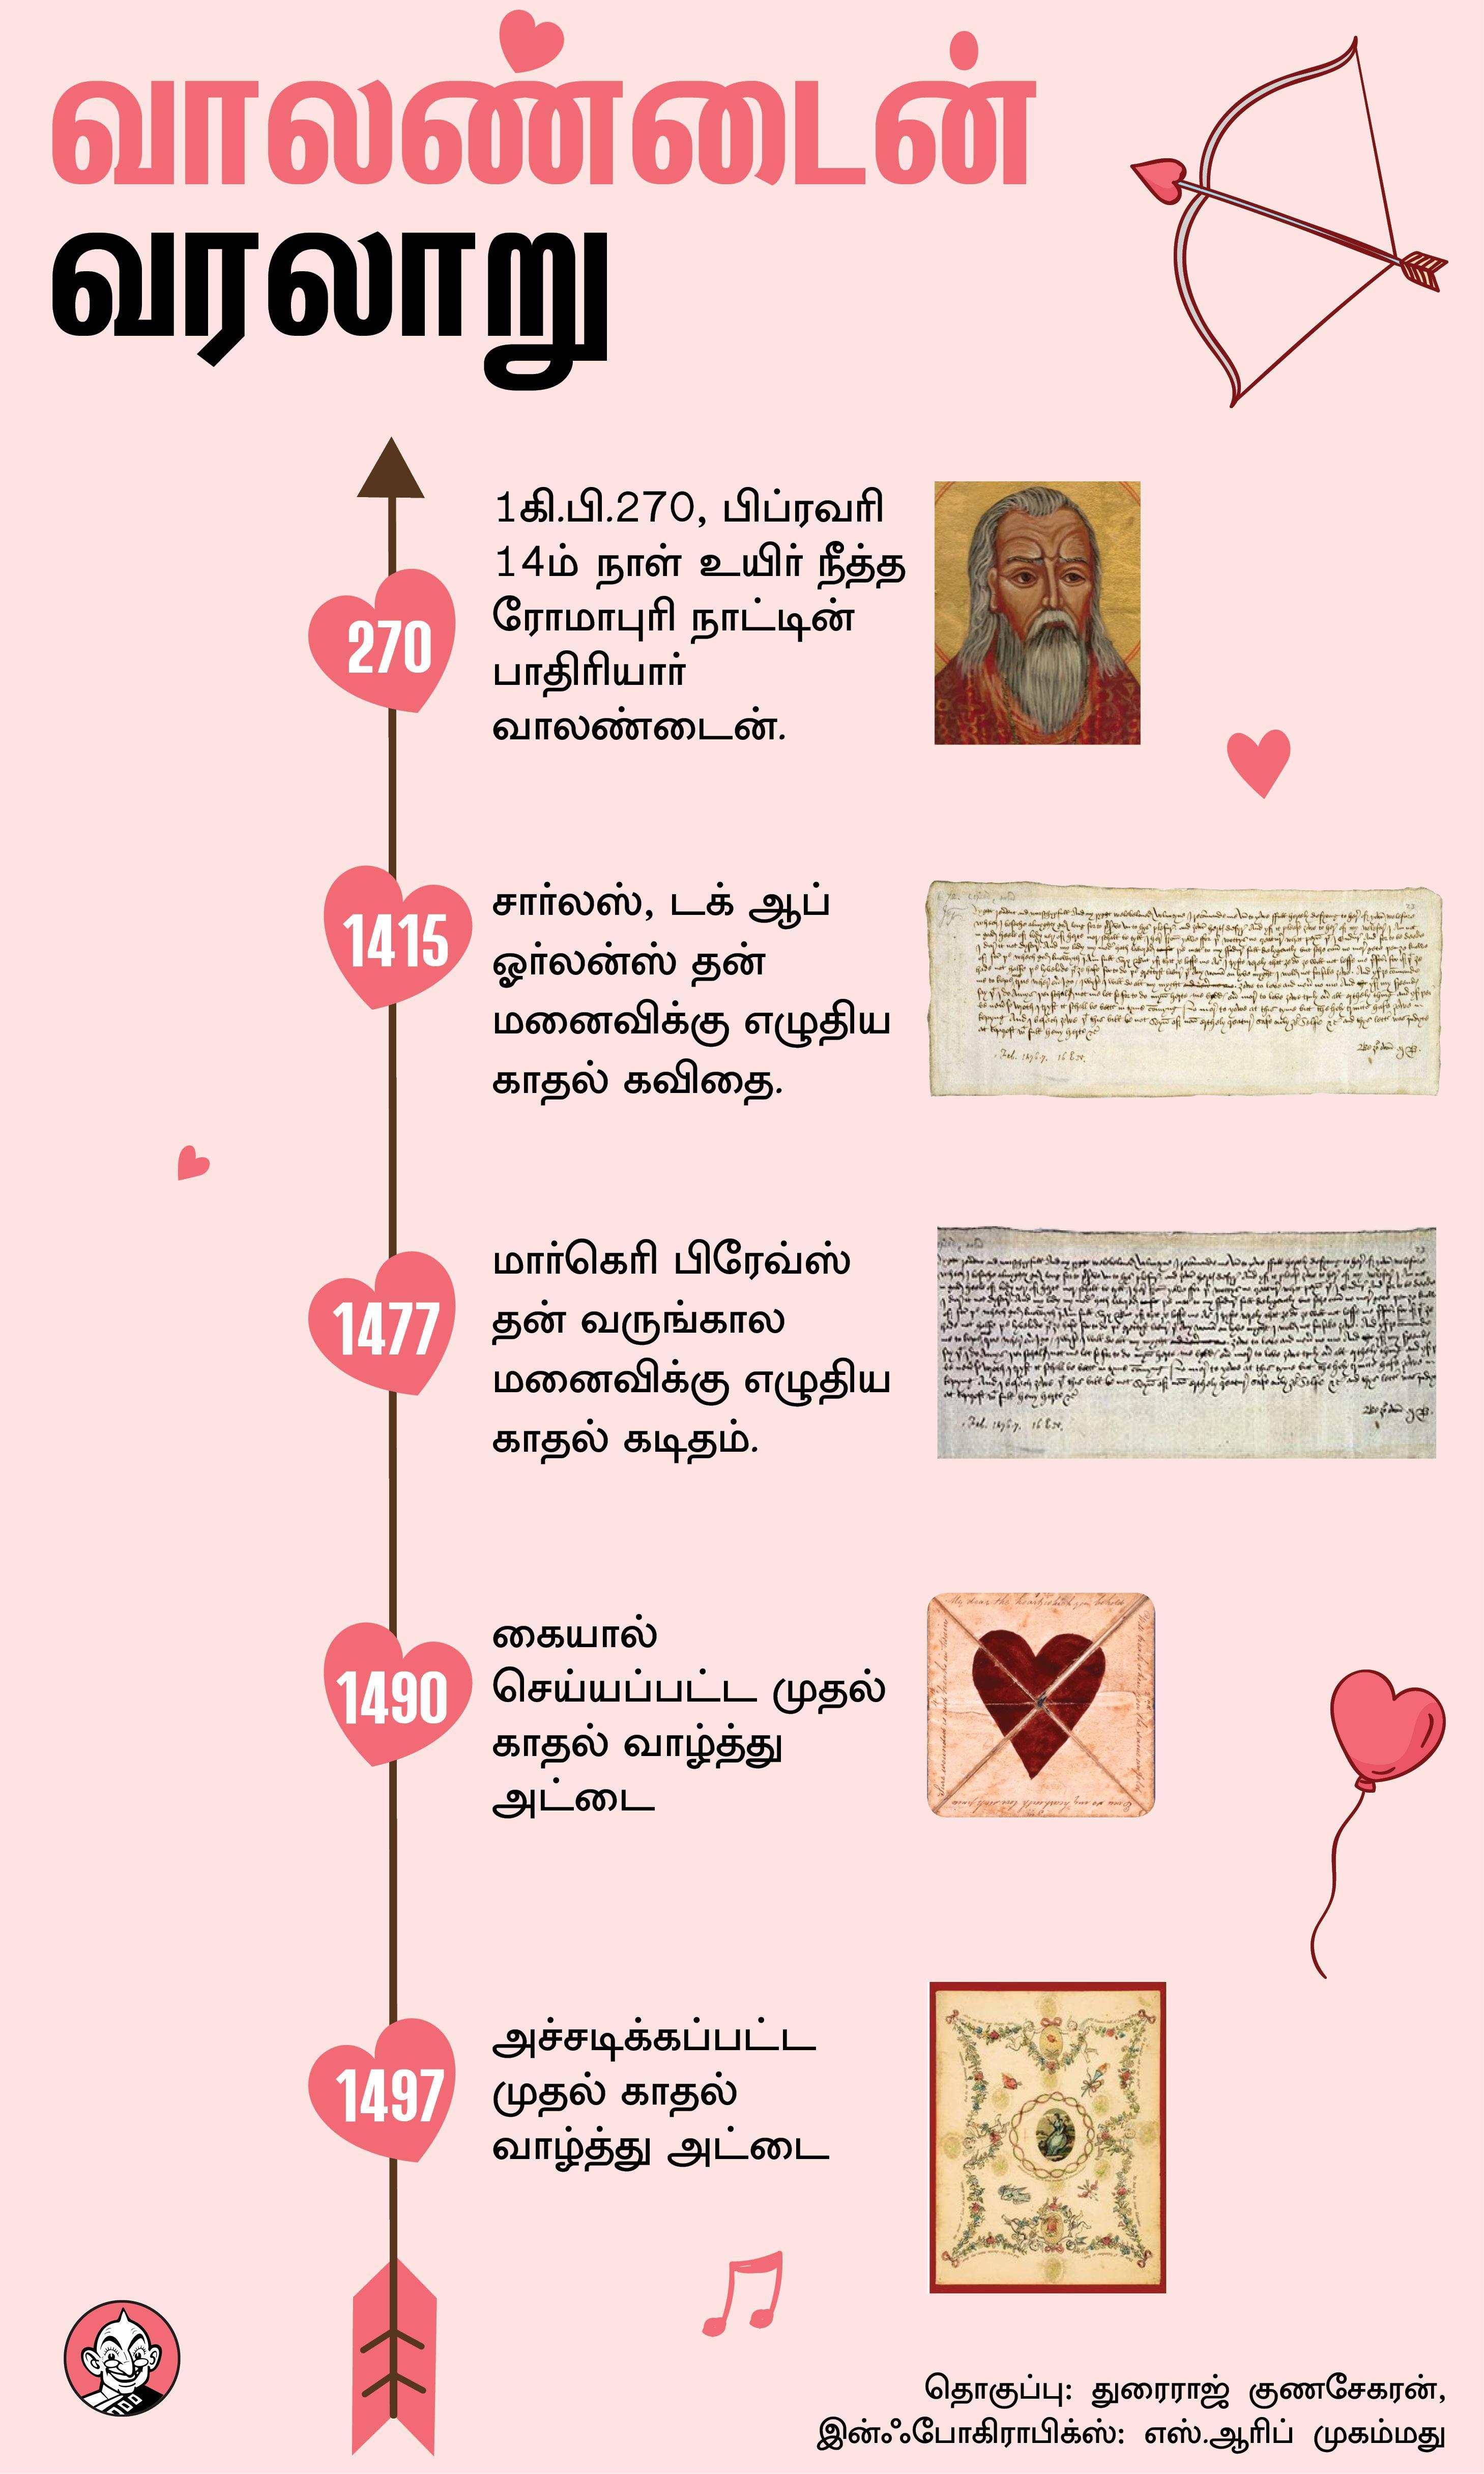 வாலண்டைன்ஸ் தின வரலாற்று நிகழ்வுகள்